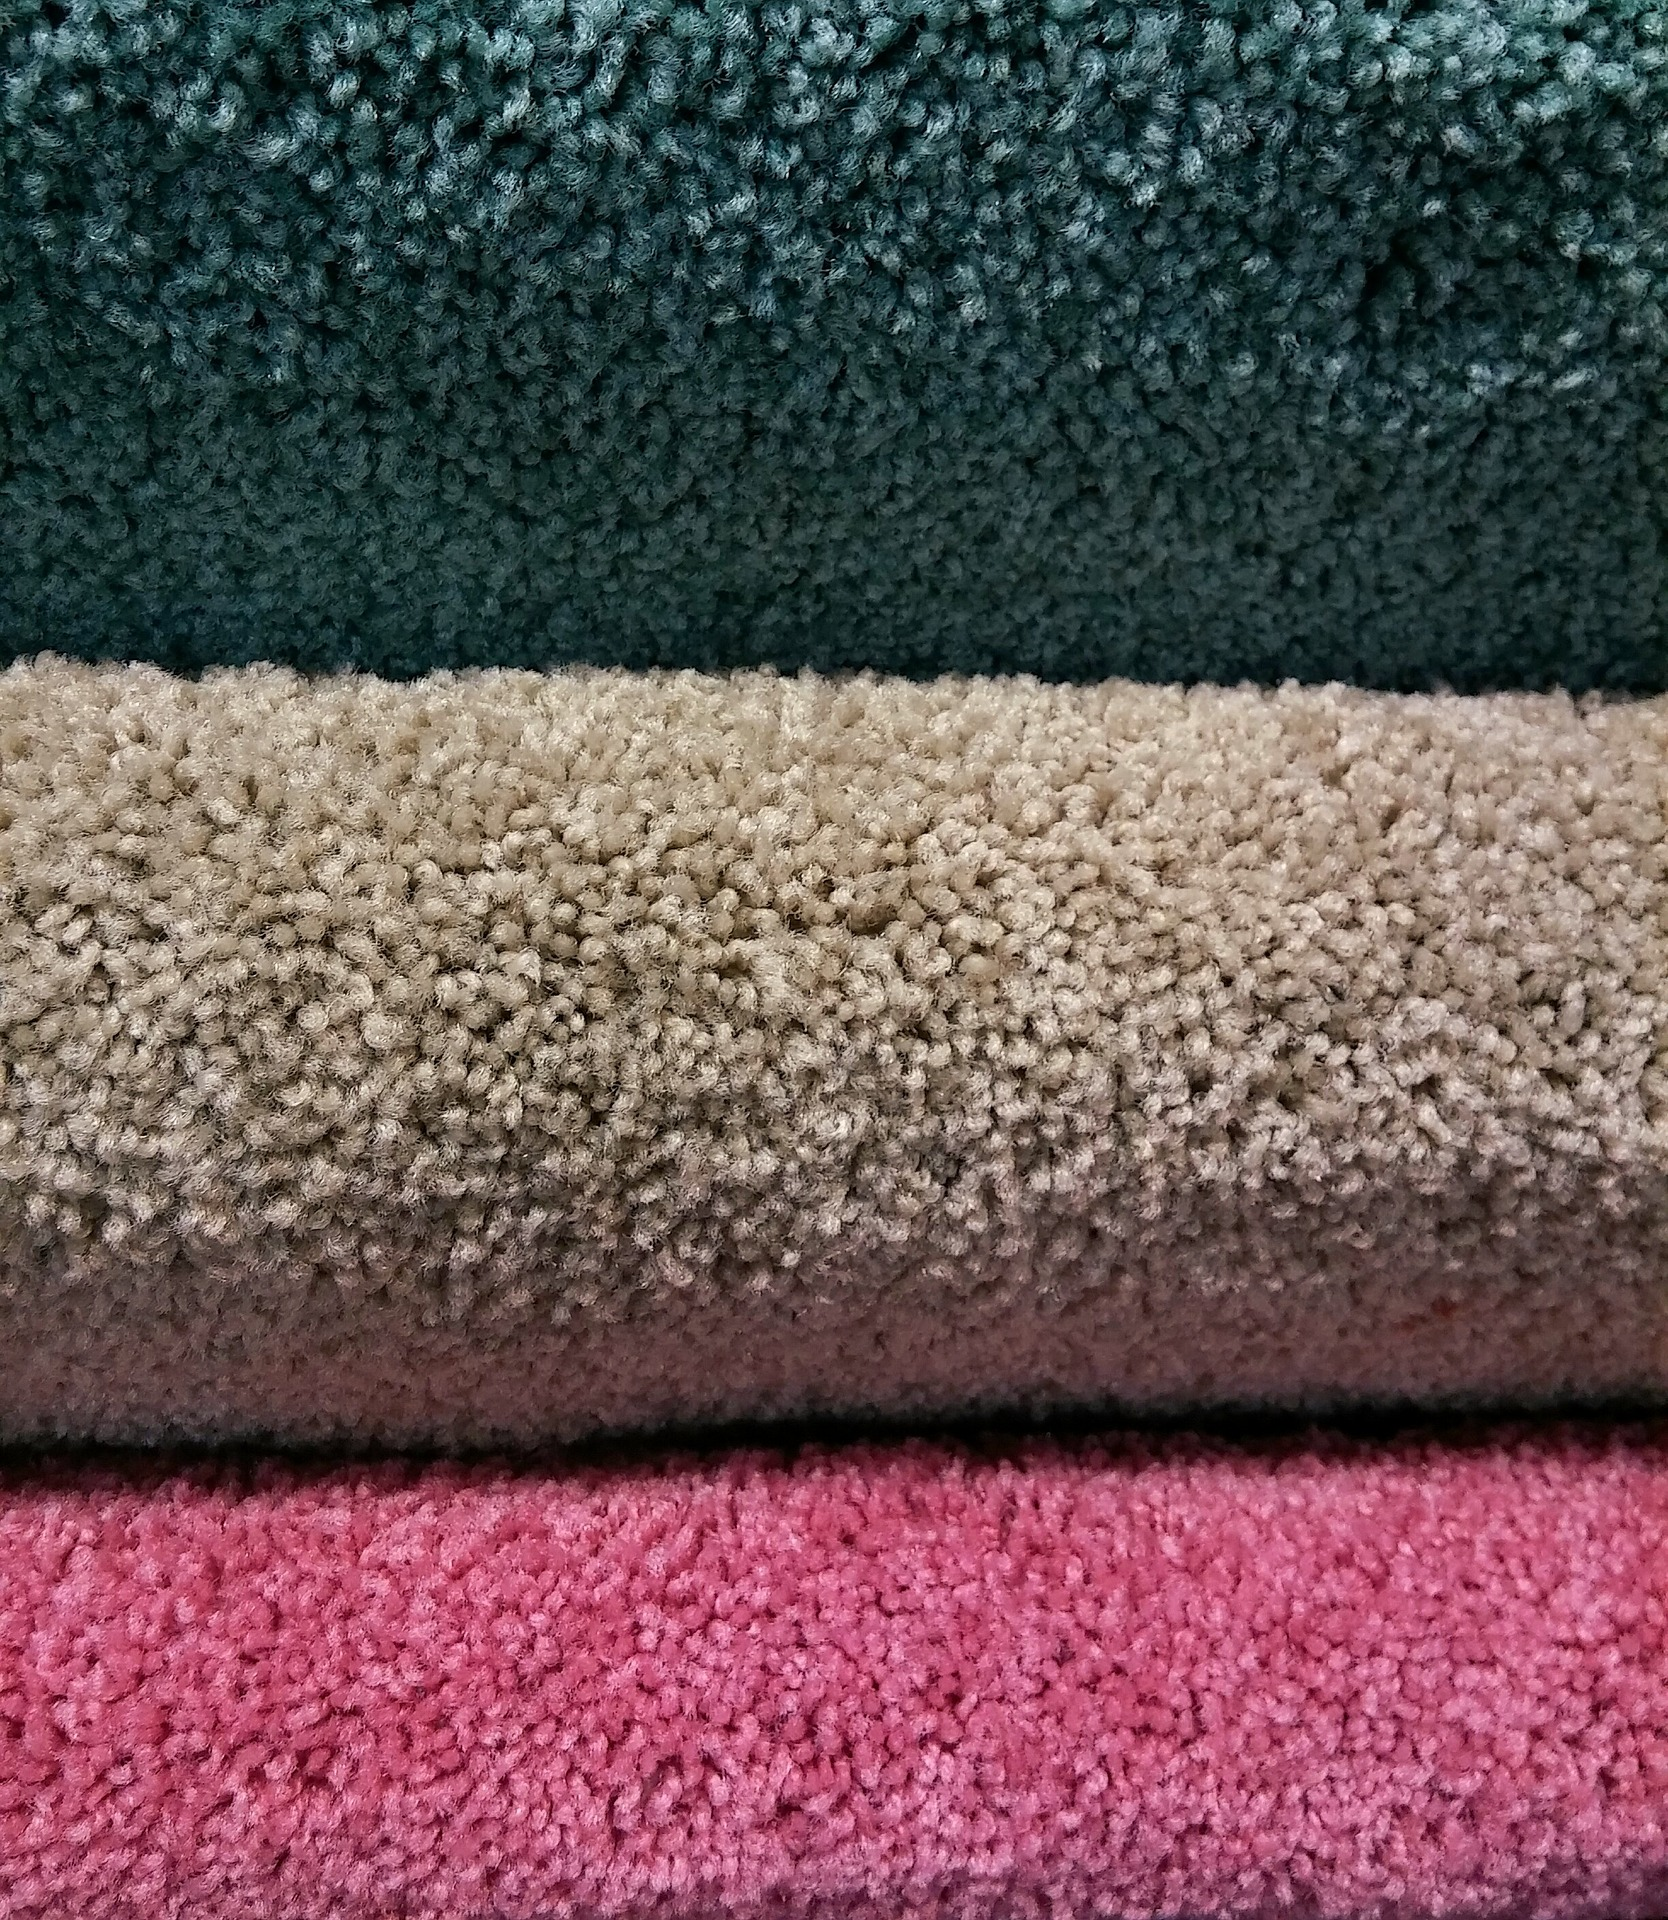 carpet-1242196_1920